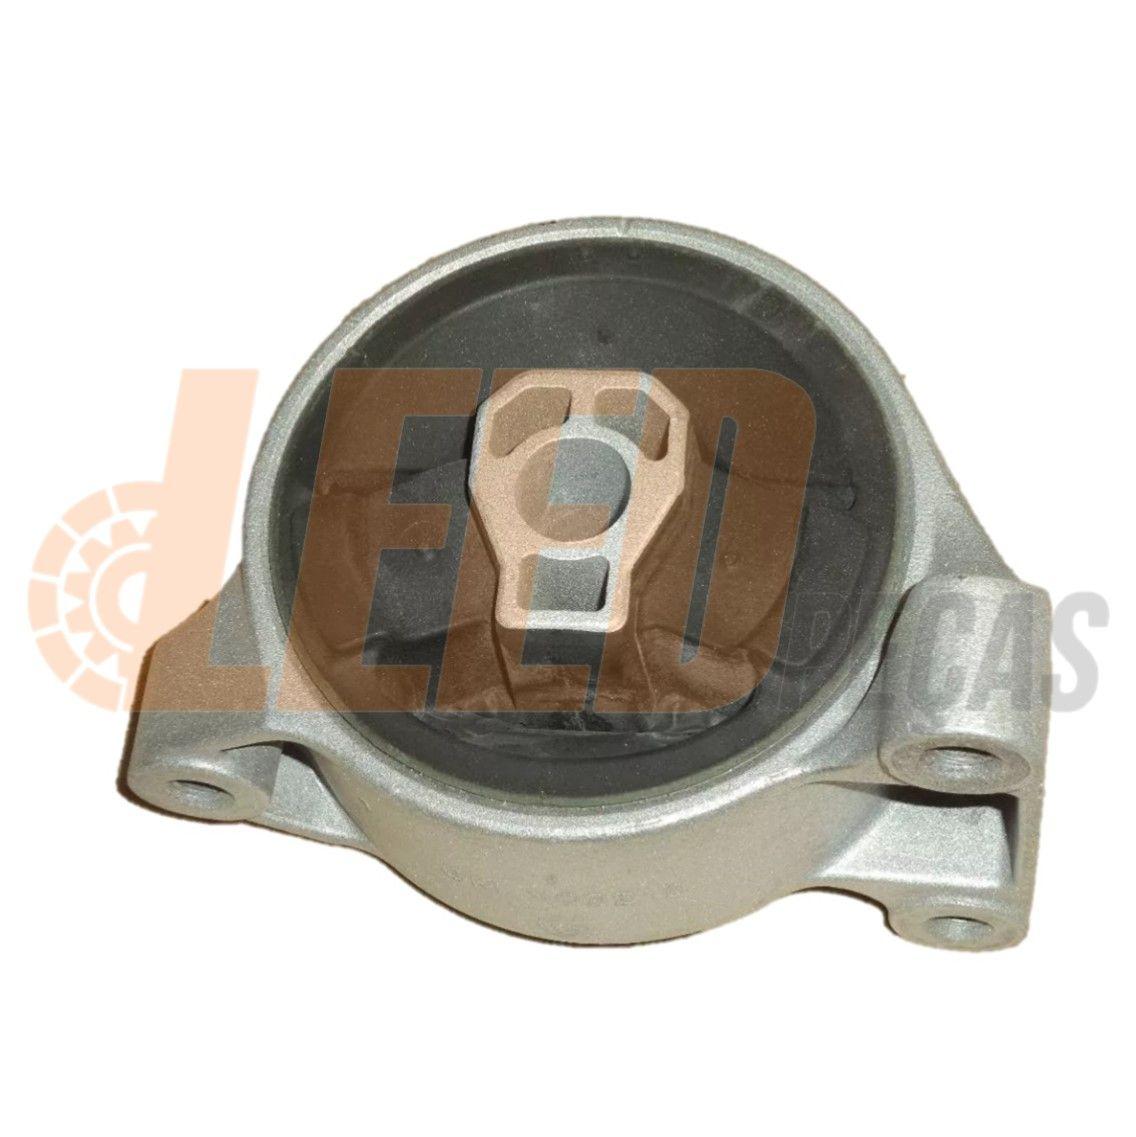 Coxim Frontal Motor Dianteiro Captiva 2.4 3.6 2008 2009 2010 2011 2012 2013 2014 2015